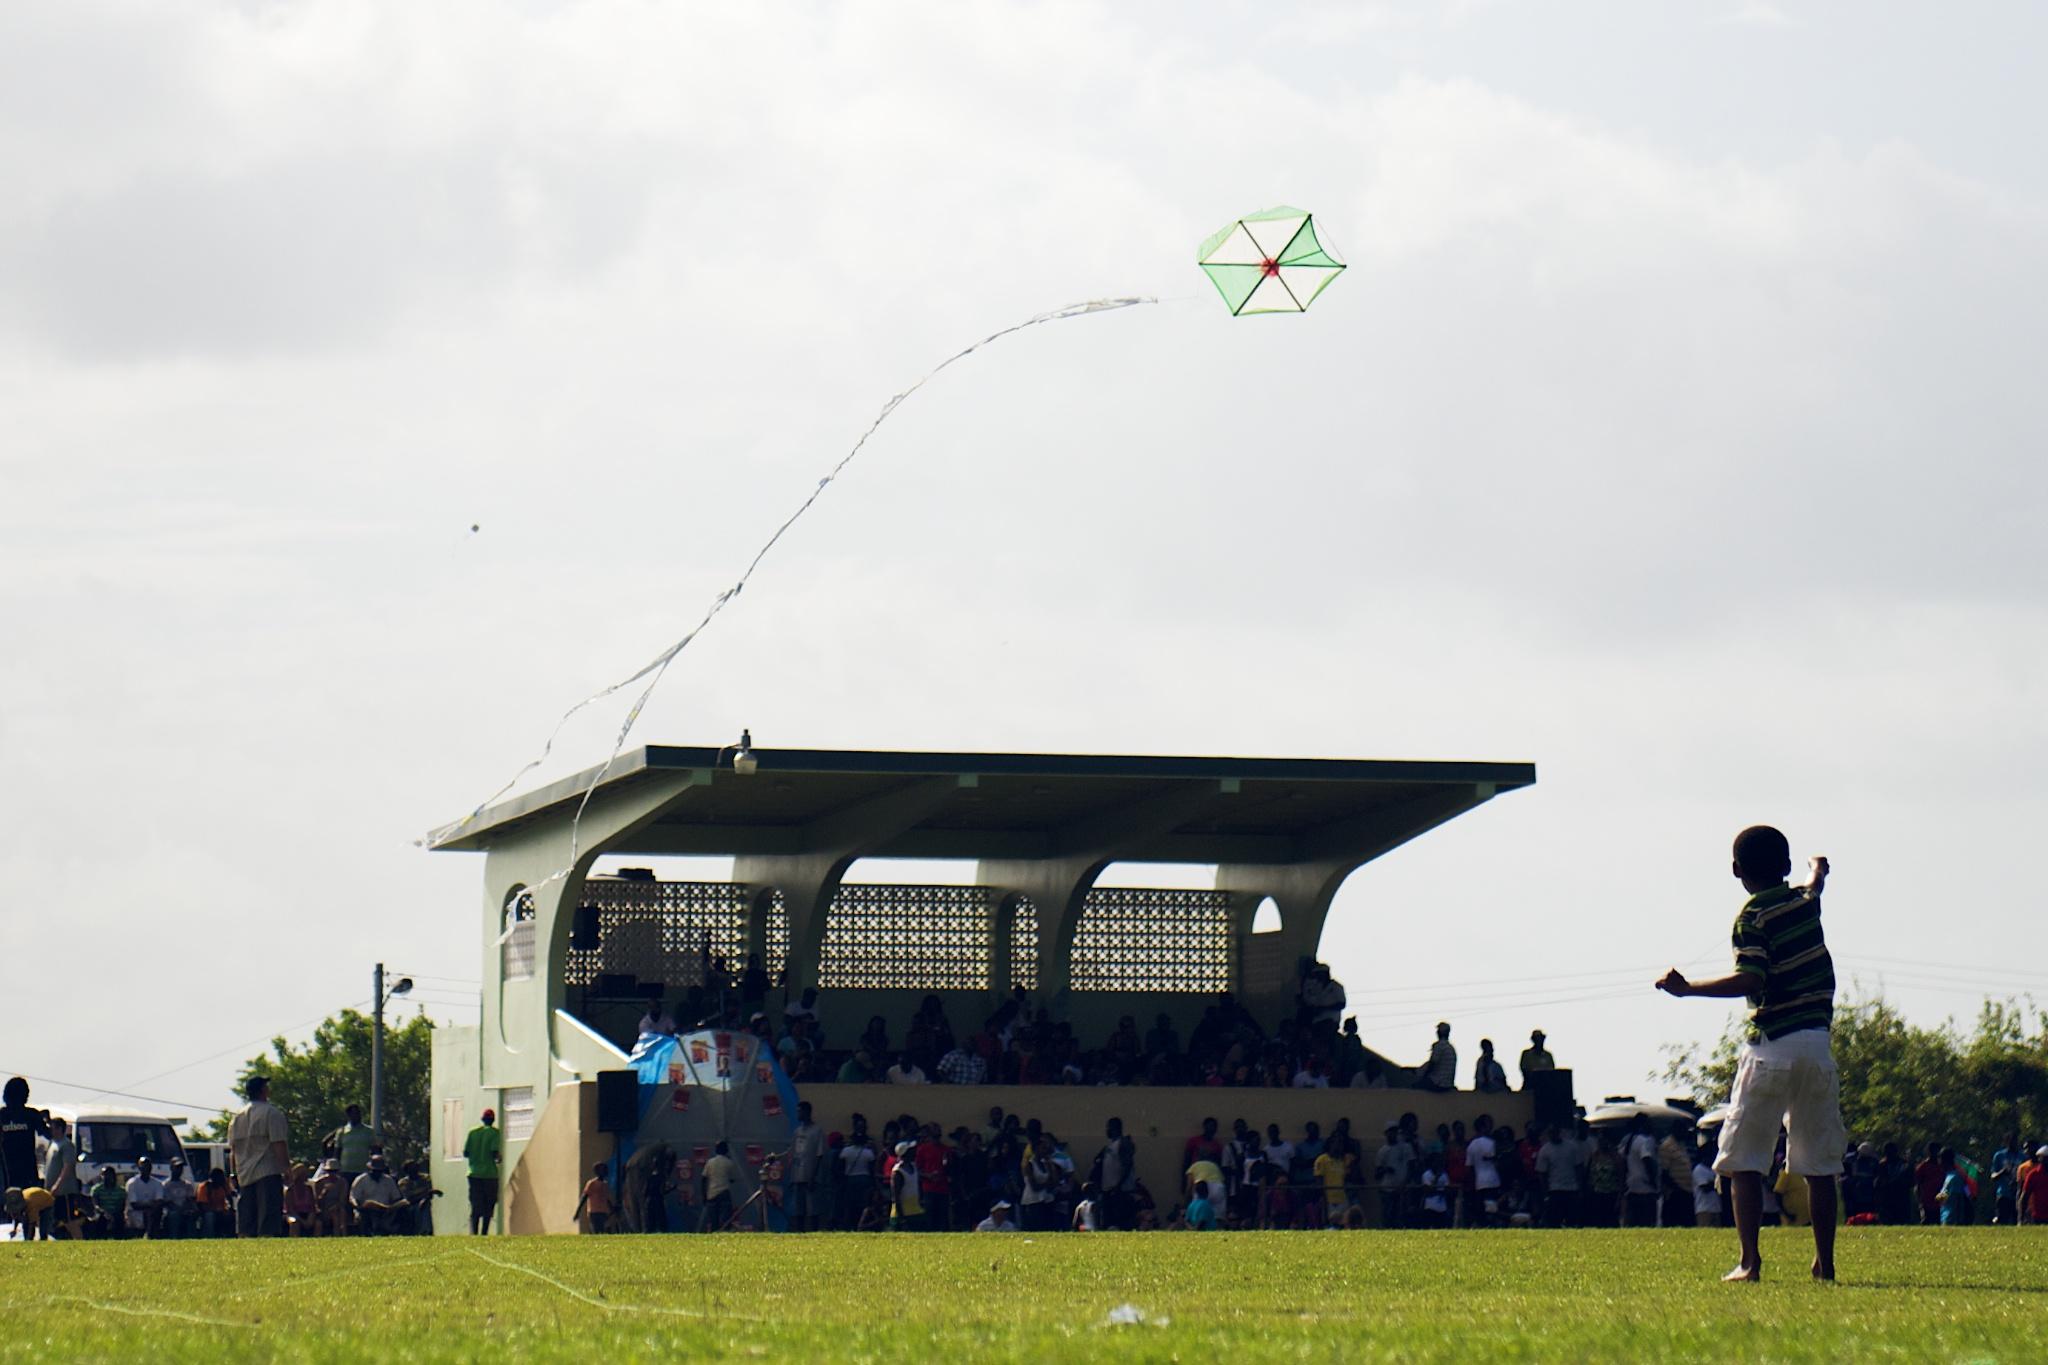 Tobago Flying Colours Kite Festival by Patrick Bennett